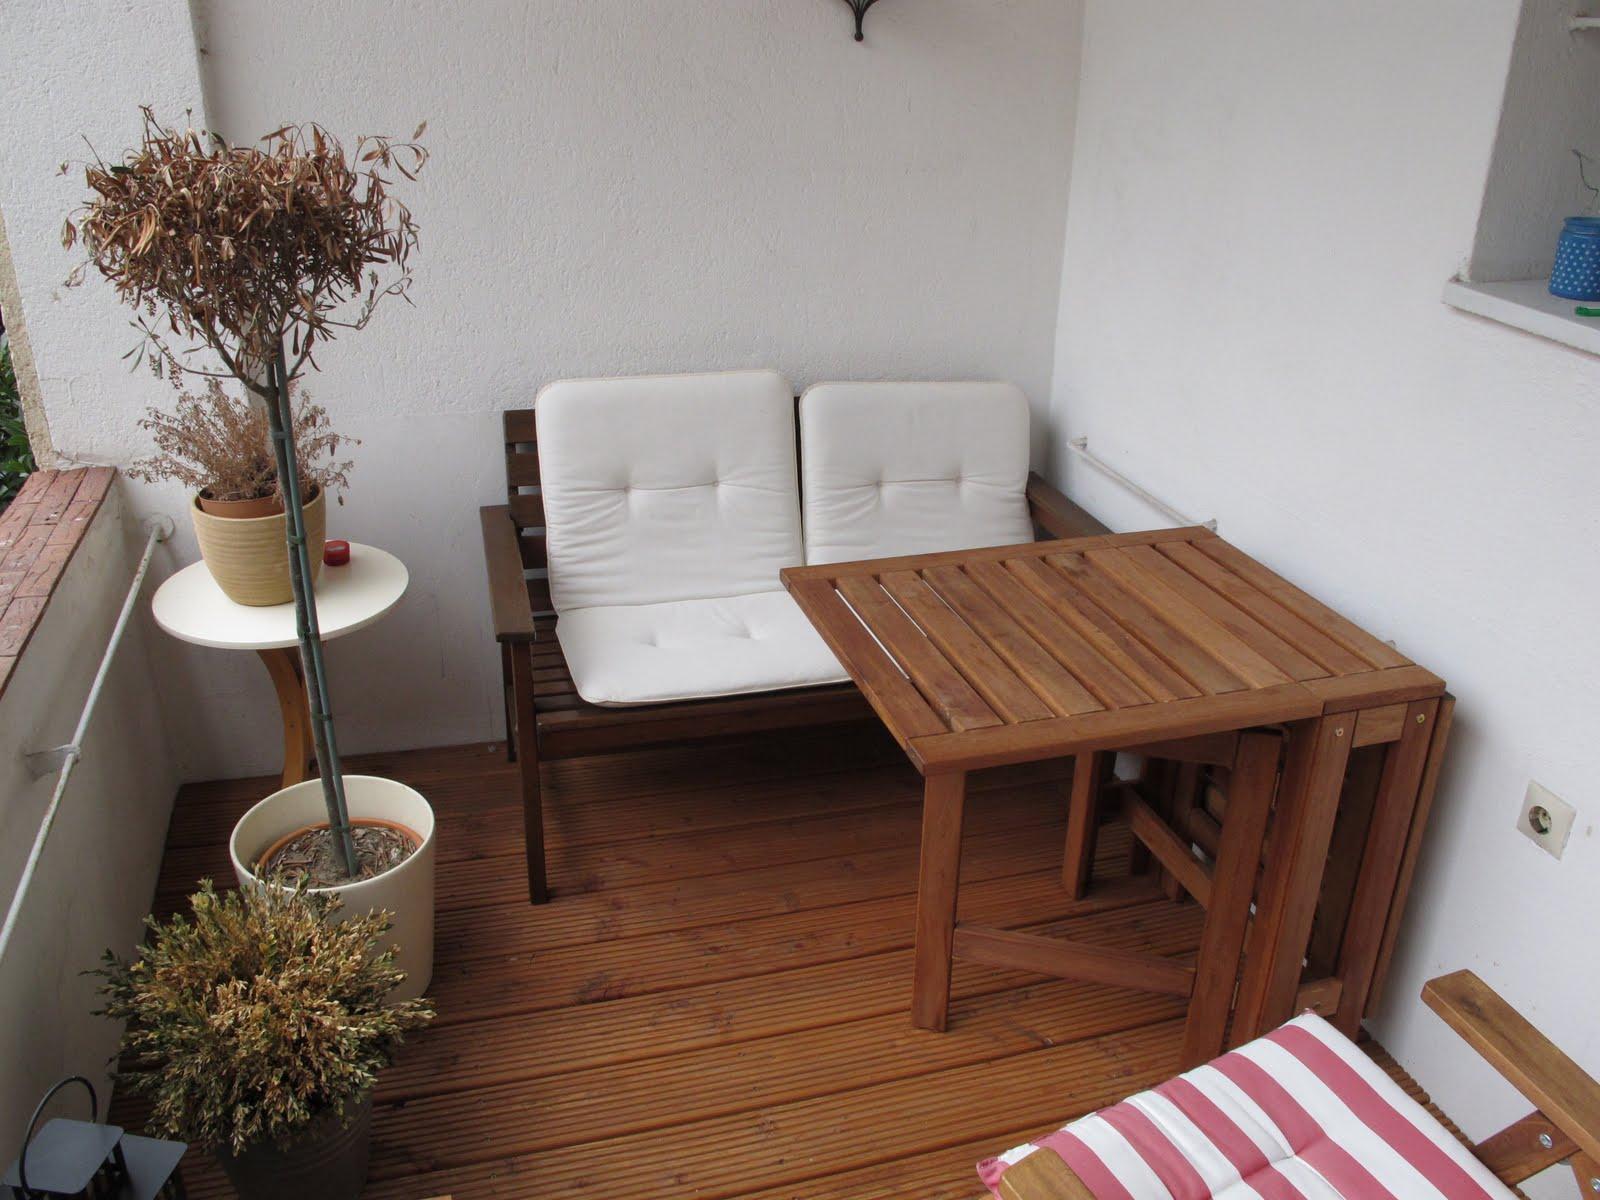 balkonmobel m bel und heimat design inspiration. Black Bedroom Furniture Sets. Home Design Ideas